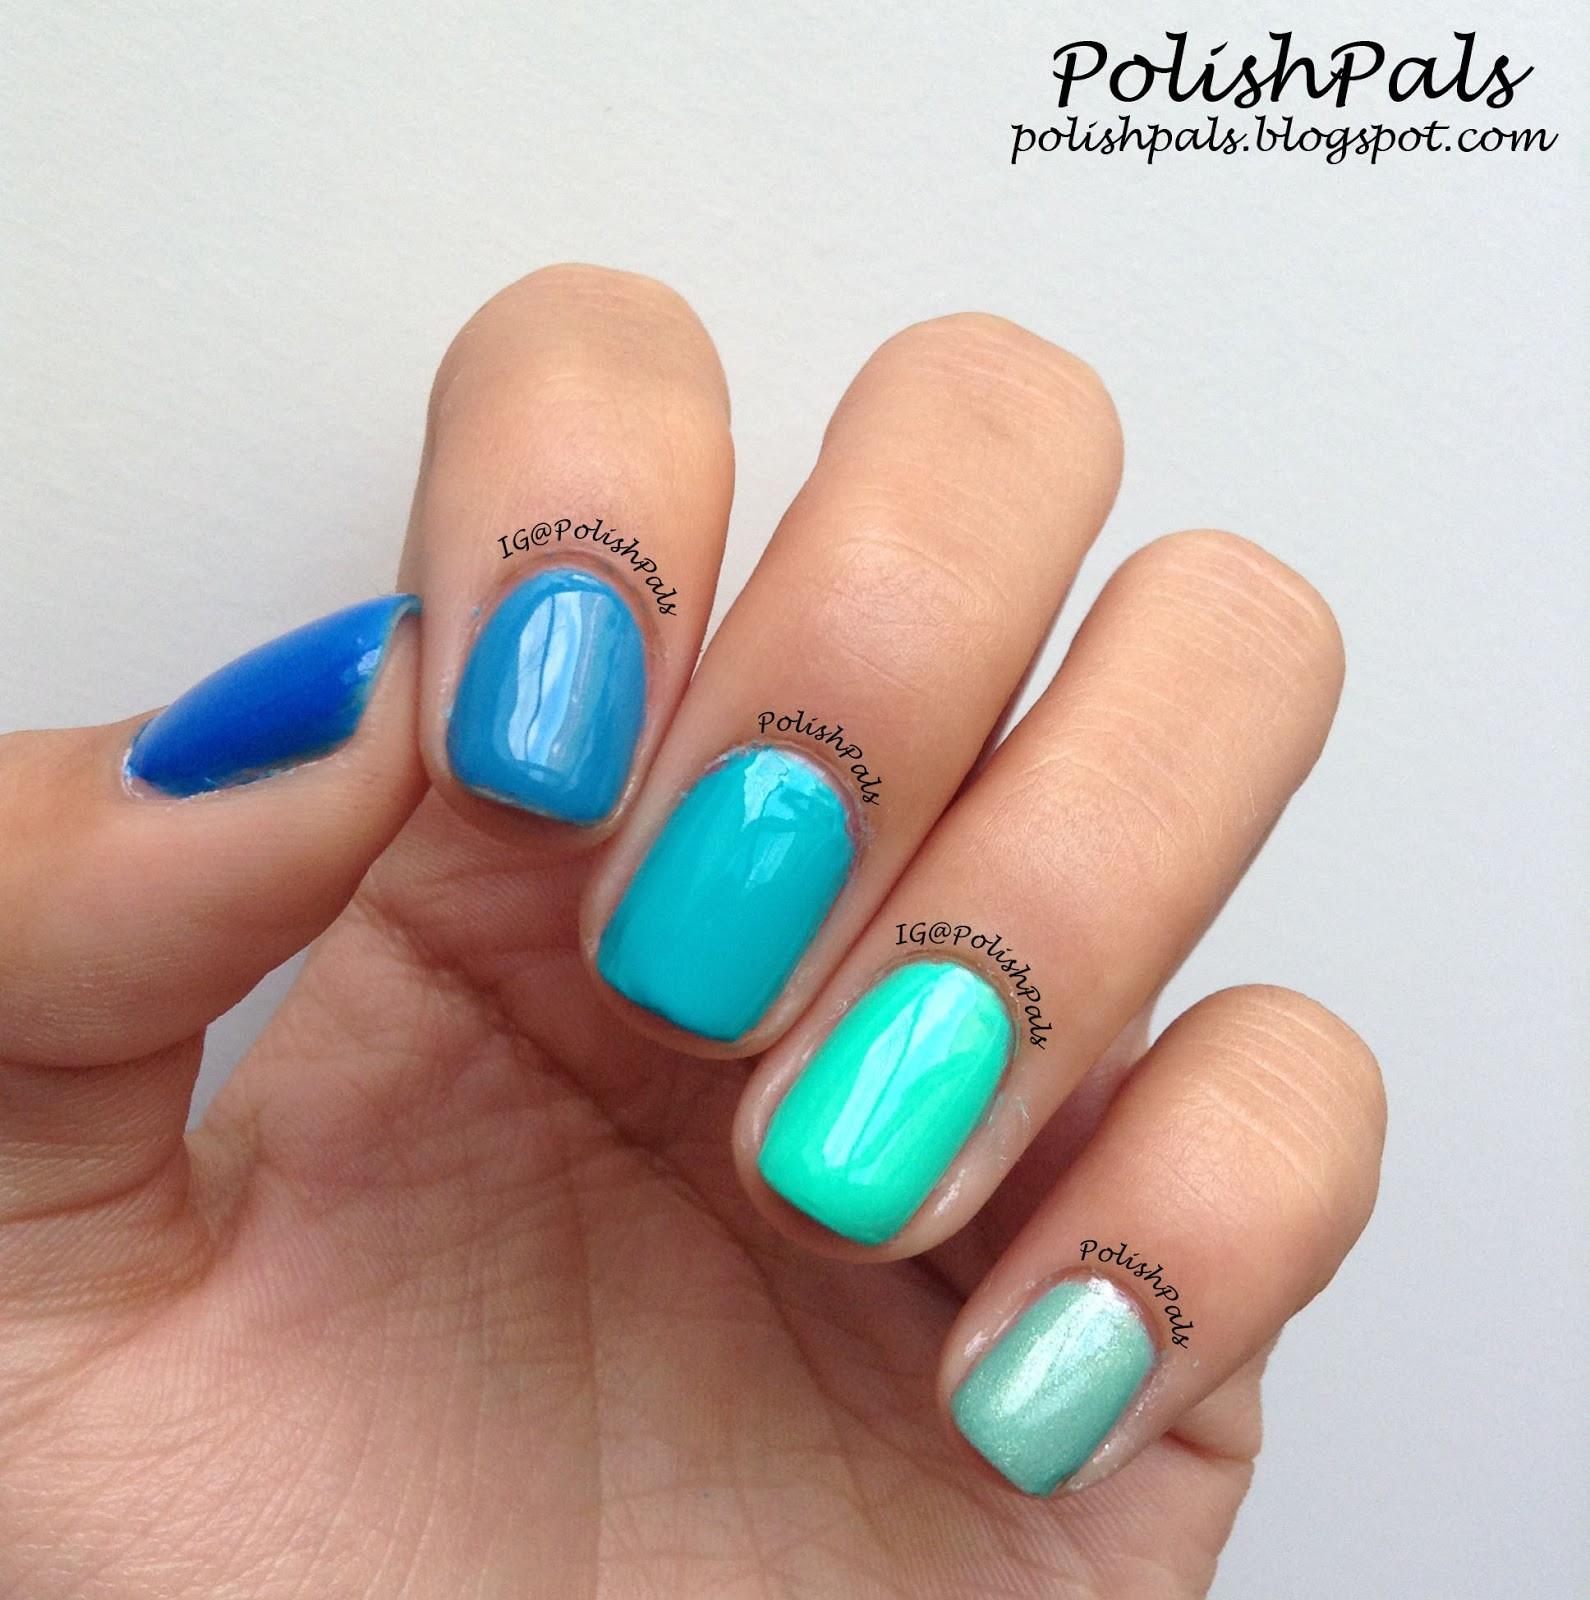 Ombre Nail Colors  Polish Pals Ombre Nails